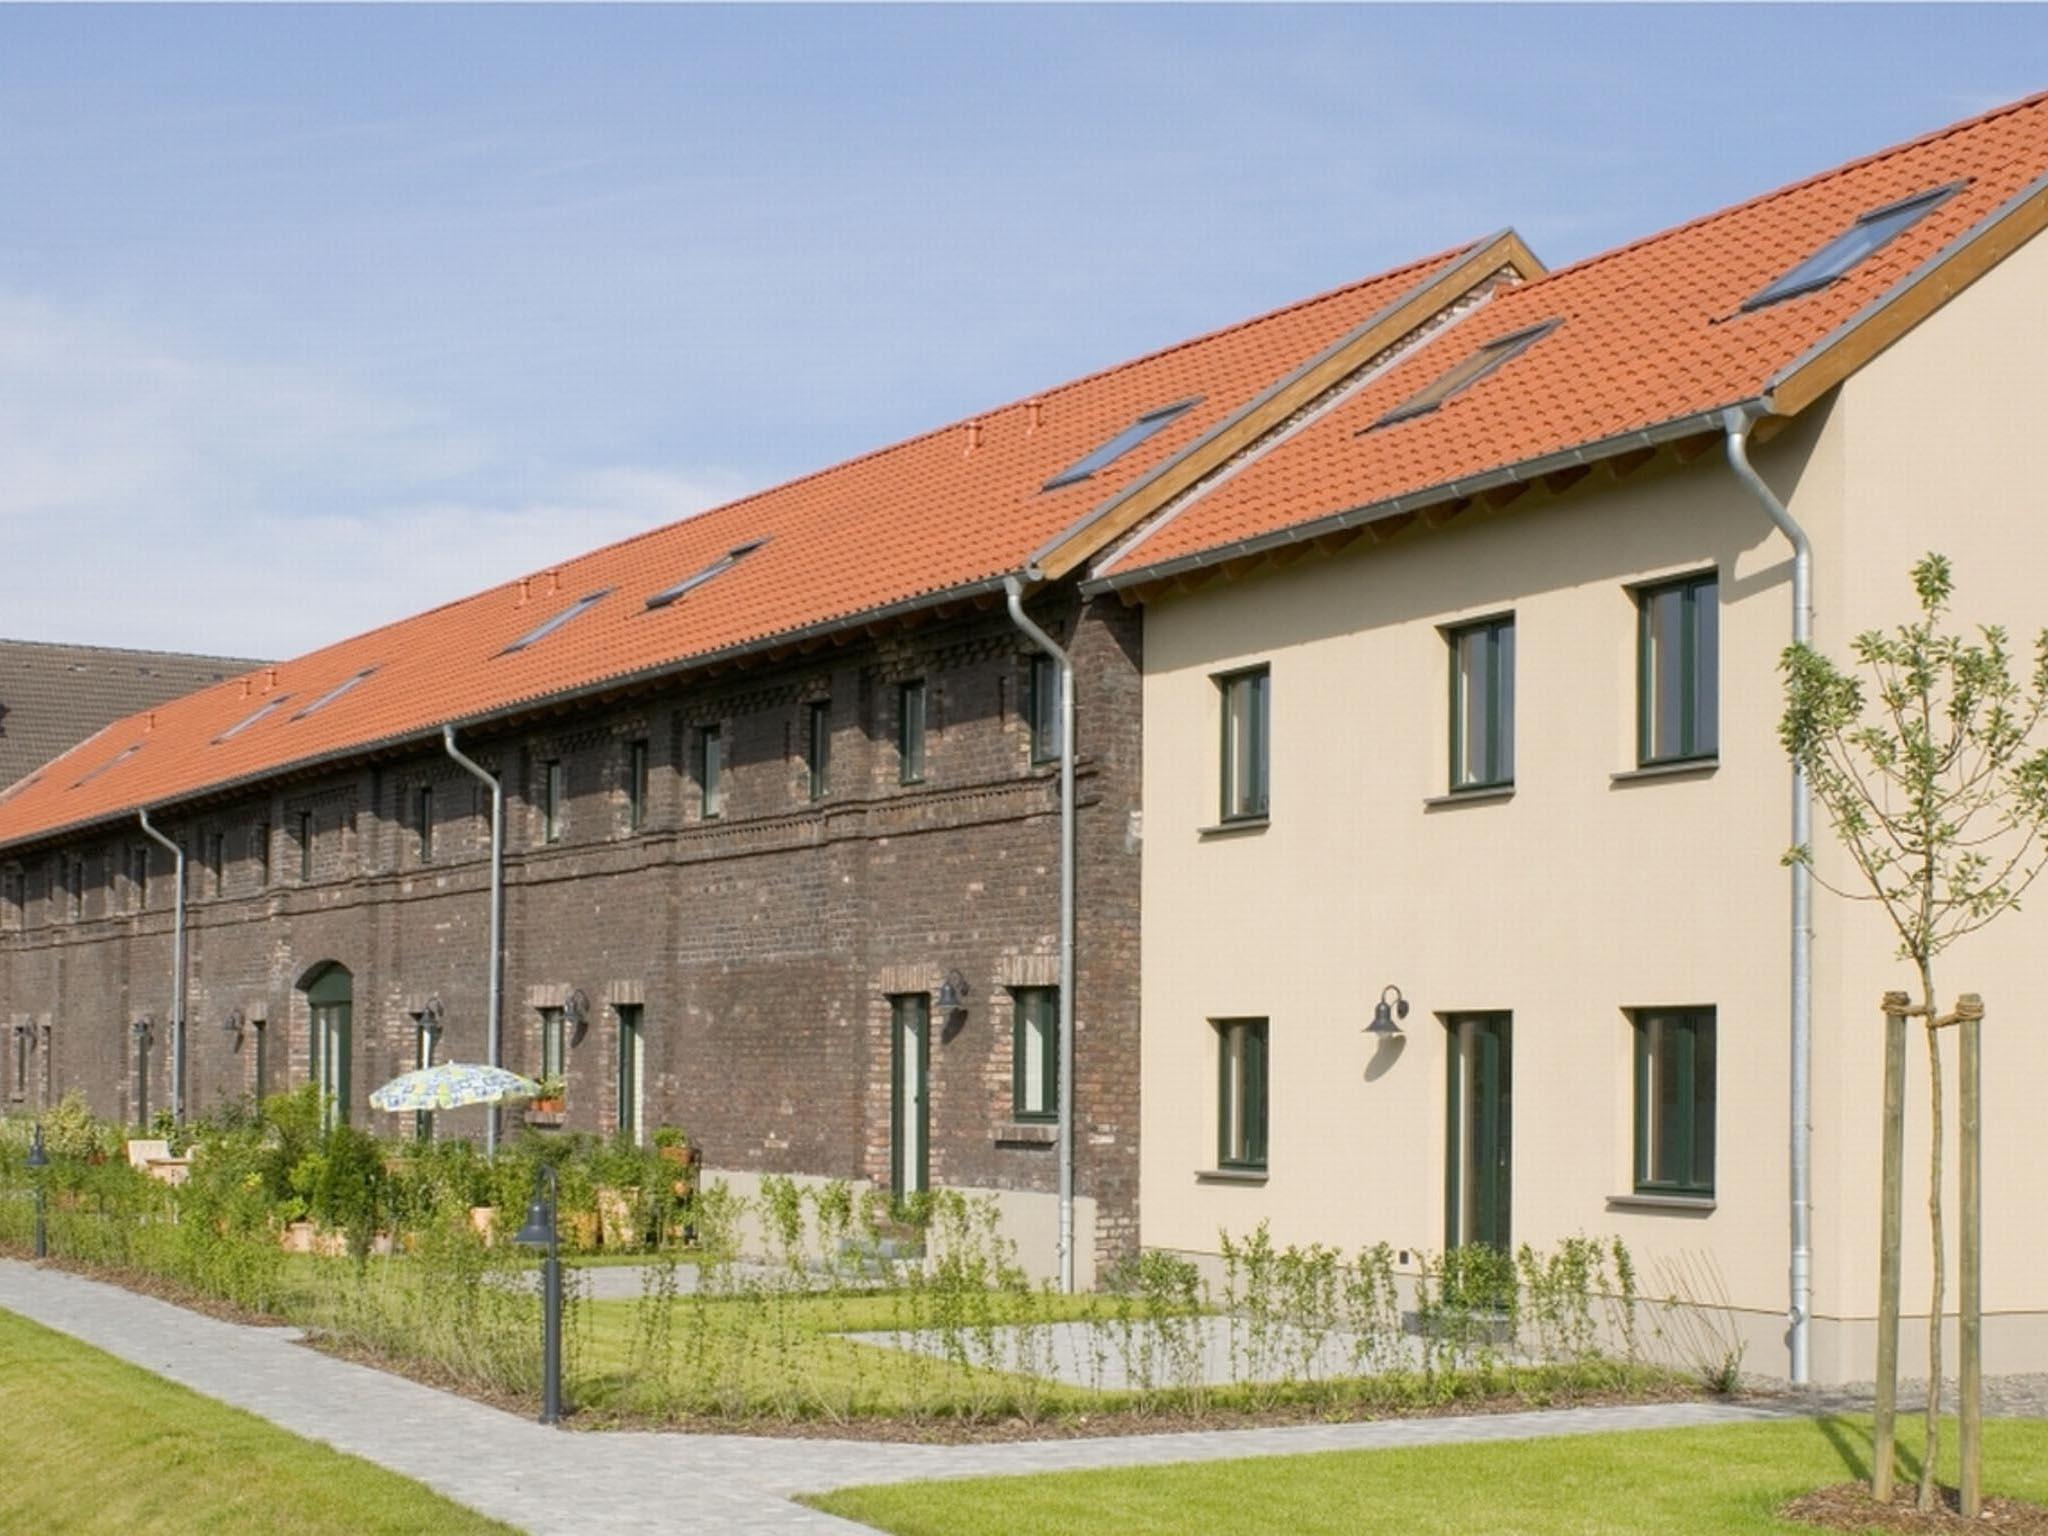 Erweiterung eines Wohnhauses